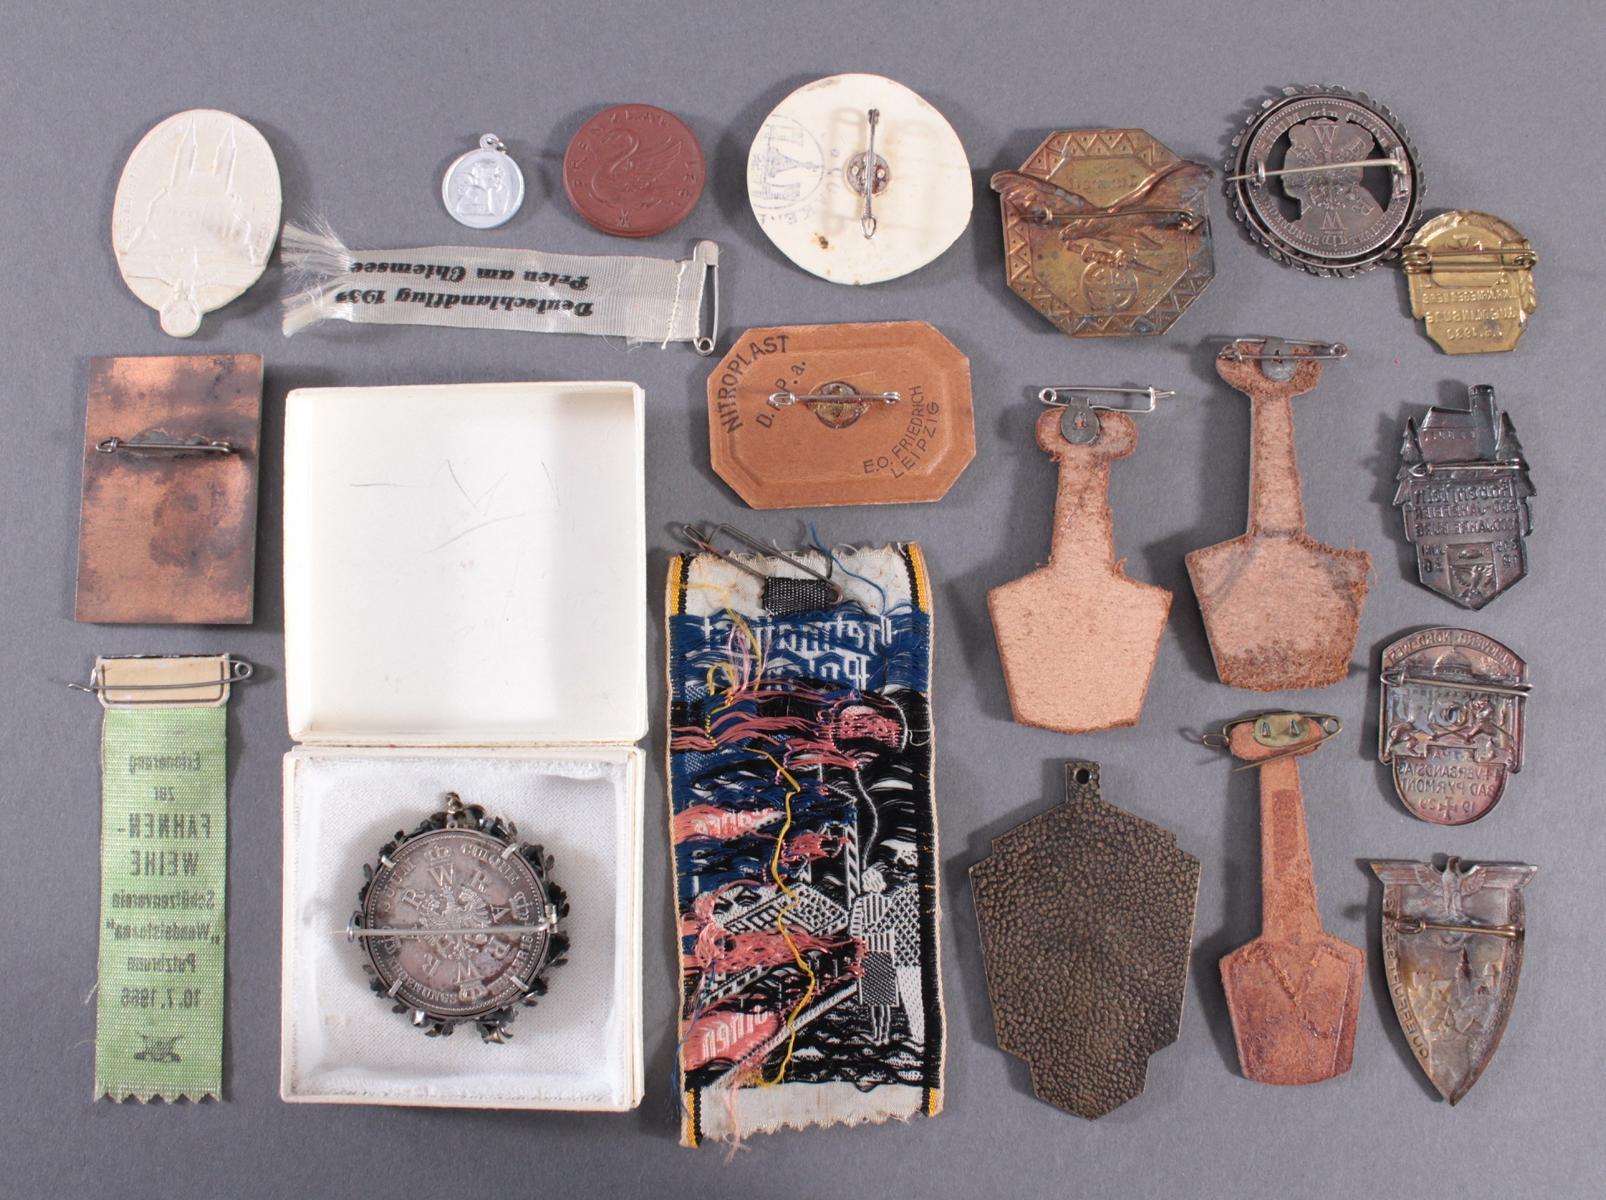 20 Tagungs- und Veranstaltungsabzeichen, Medaillen, Memorabilia-2